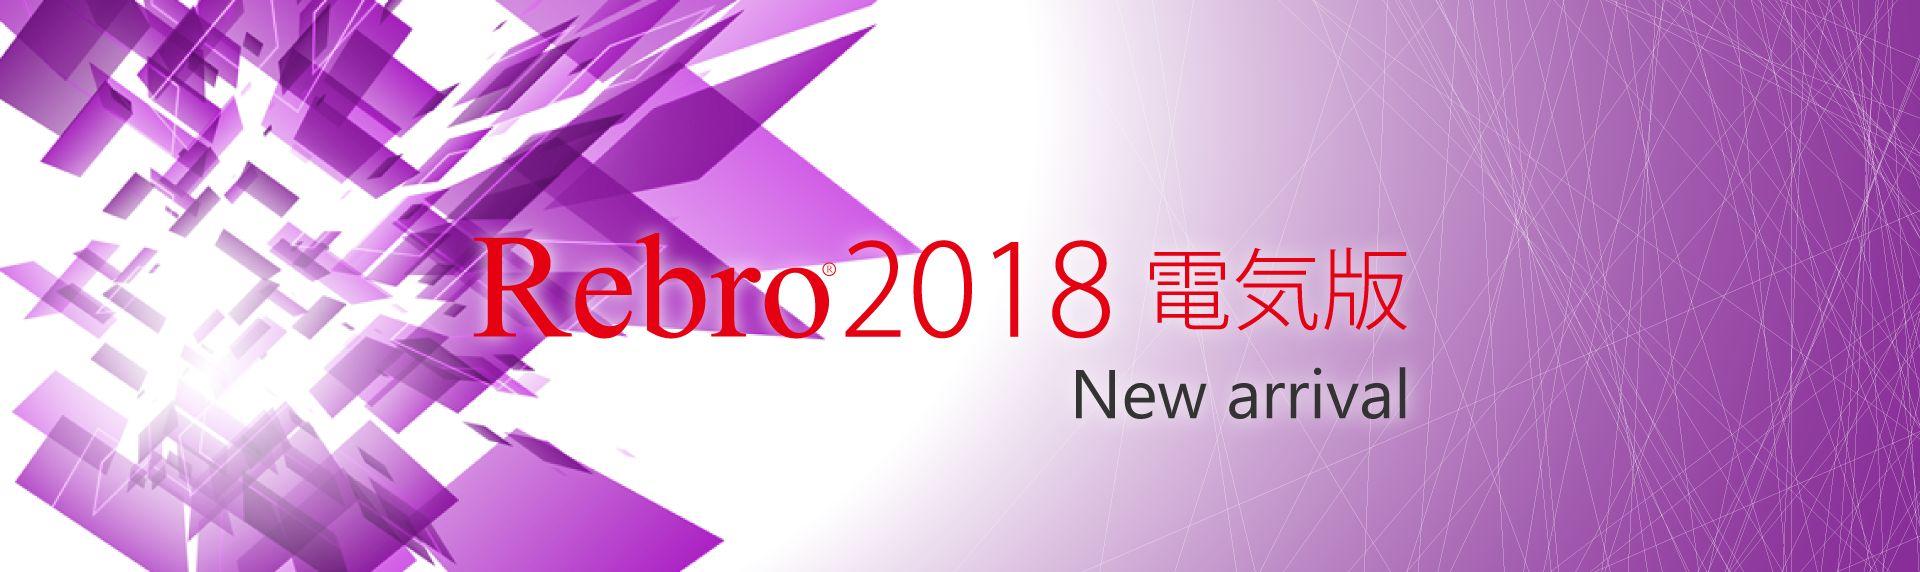 Rebro2018電気版